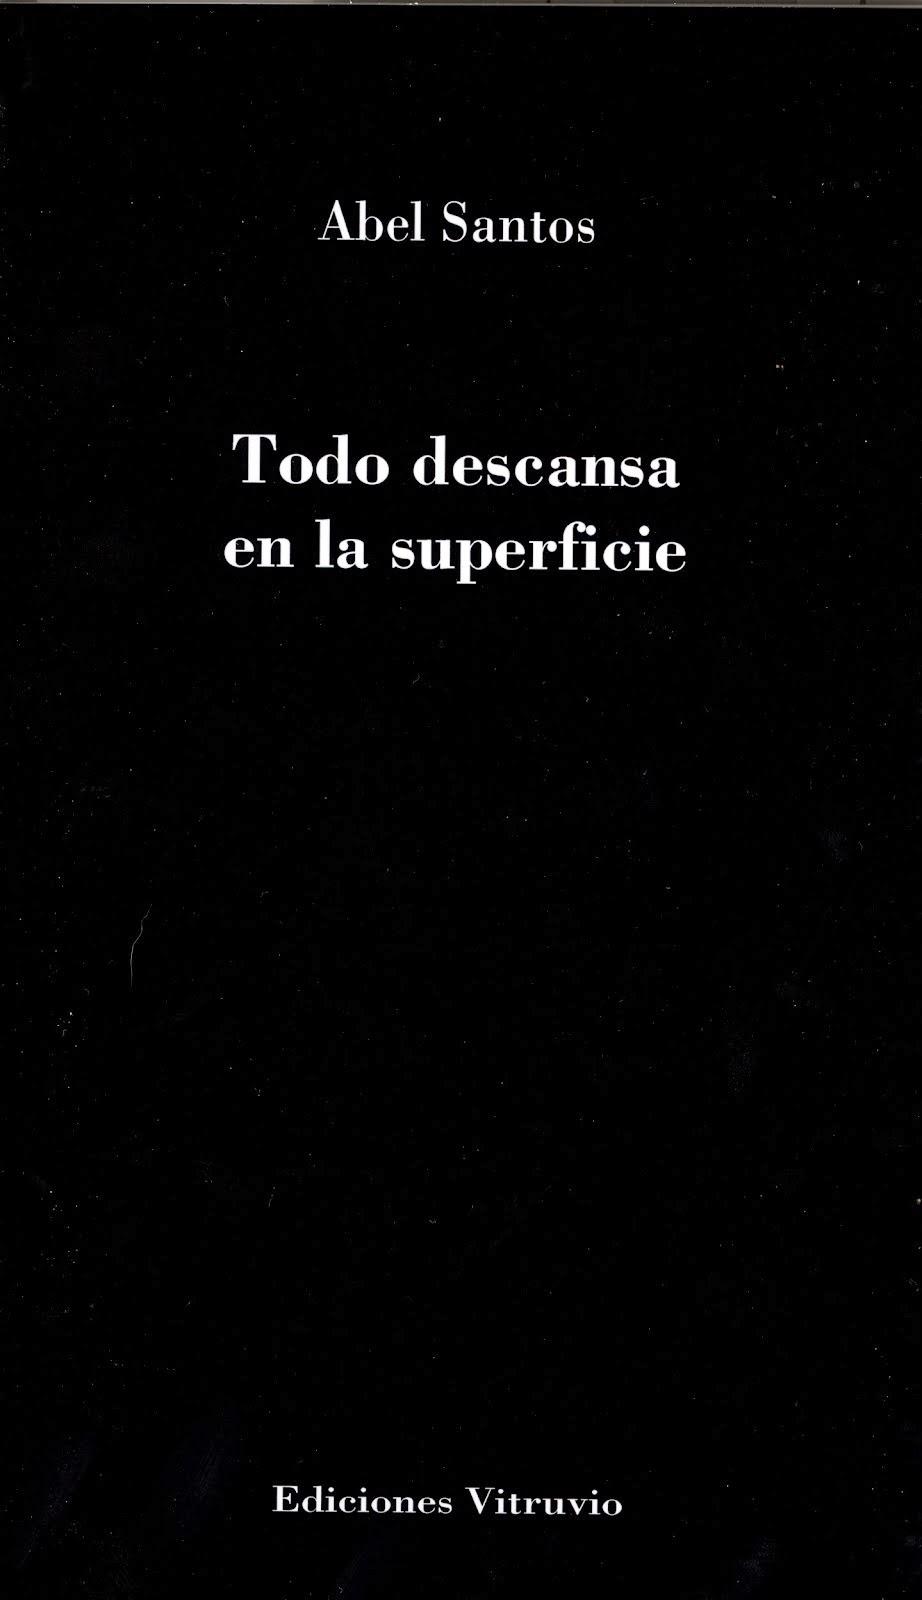 TERCER POEMARIO DE ABEL SANTOS